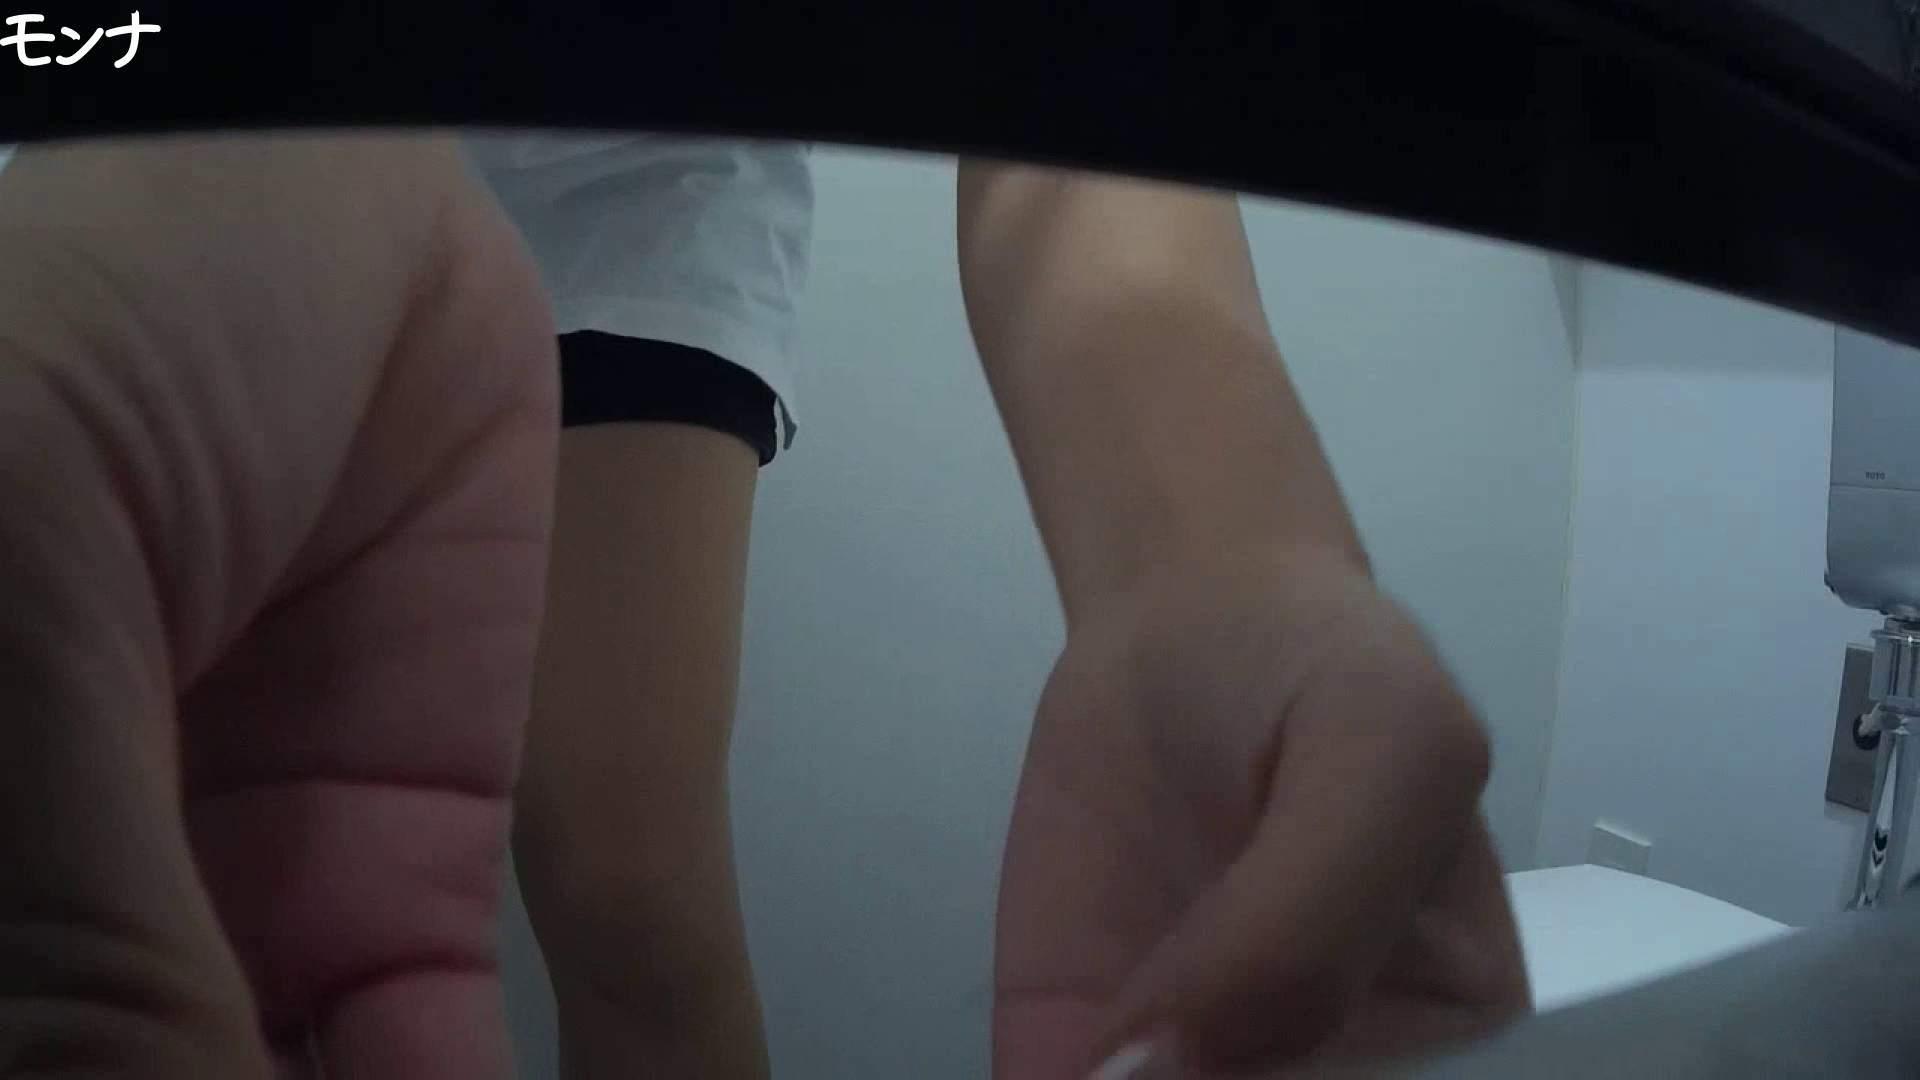 有名大学女性洗面所 vol.66 清楚系女子をがっつり!! 洗面所 盗撮ワレメ無修正動画無料 53pic 27